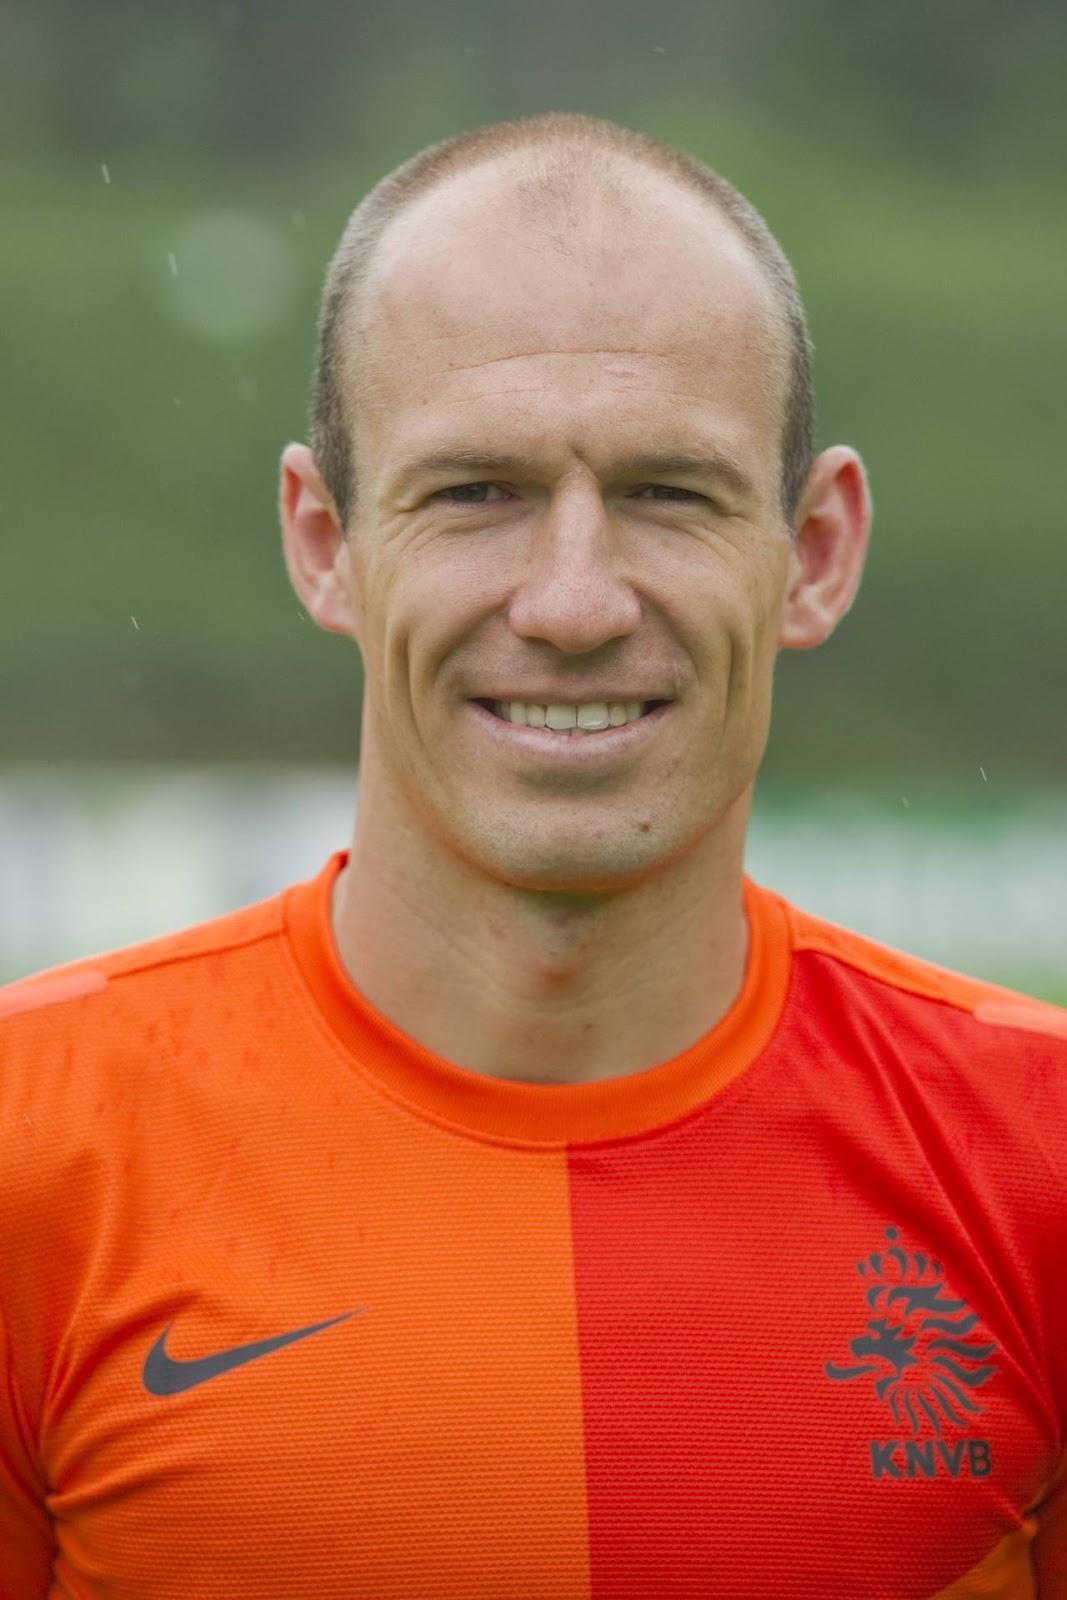 http://2.bp.blogspot.com/-ciD8A_AUQYk/T9NBe7sSI_I/AAAAAAAABn0/AOIXCJY4oGg/s1600/Arjen_Robben_Netherlands_7.jpg